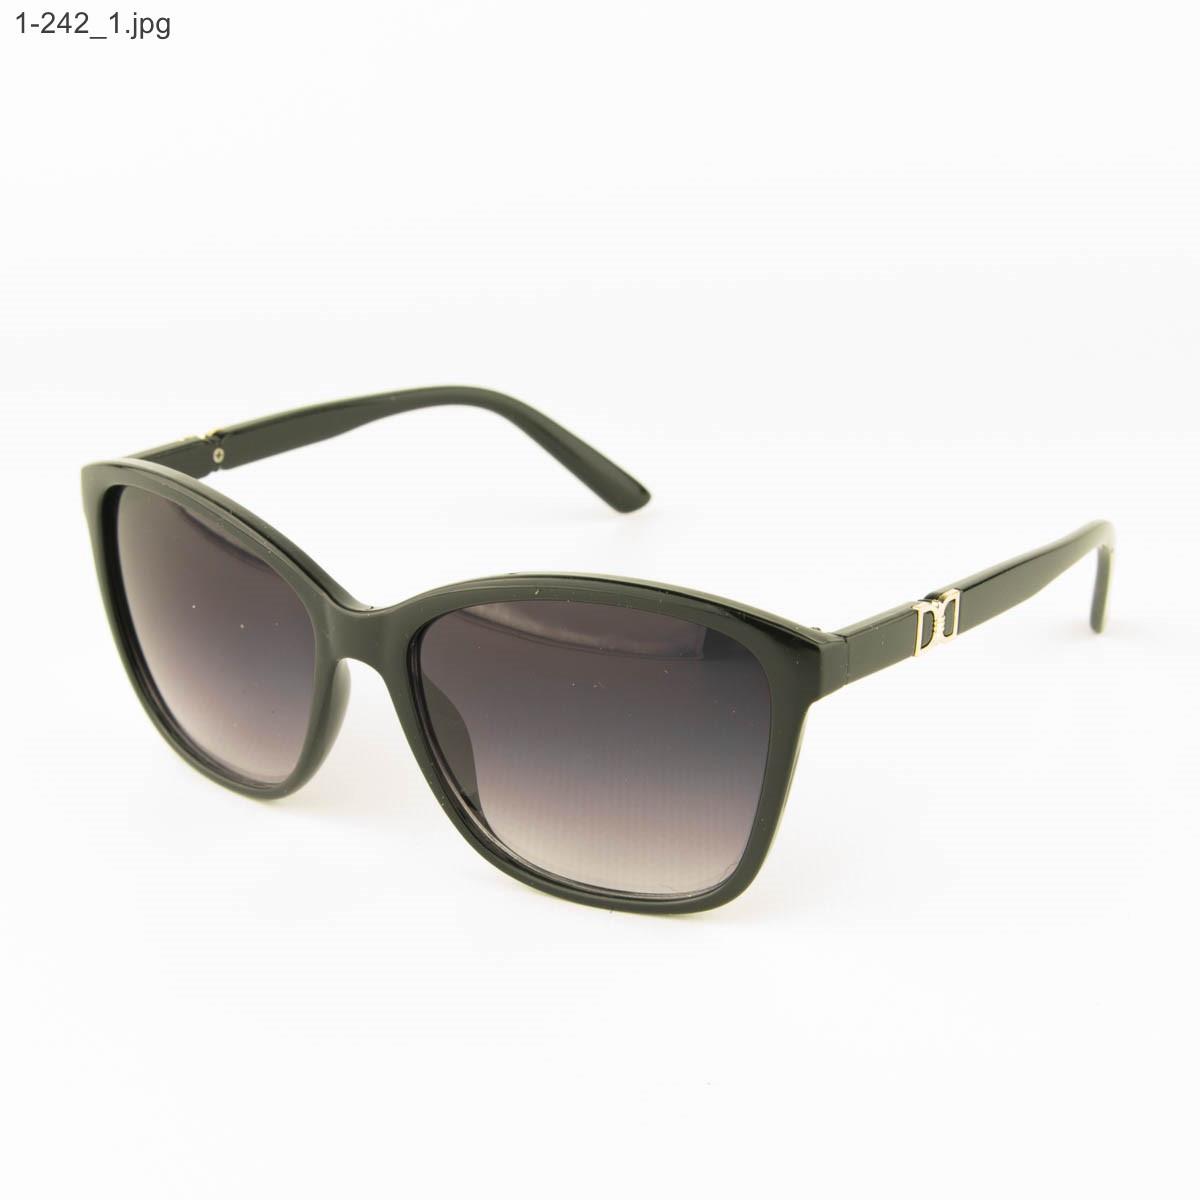 Оптом очки солнцезащитные женские - черные - 1-242